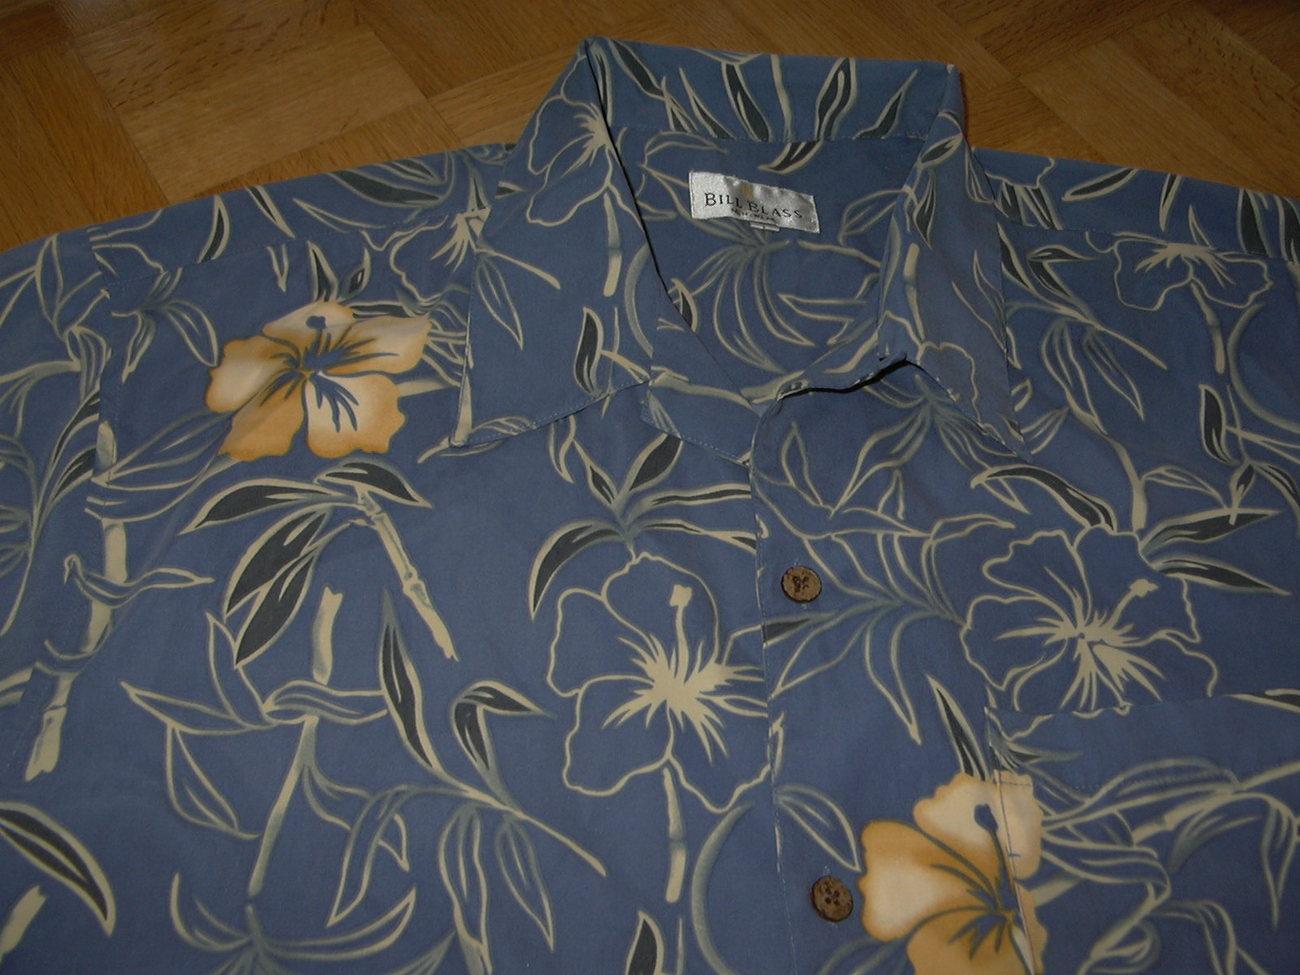 HH13 Hawaiian Tropical Bill Blass Shirt Blue Hibiscus XL 46